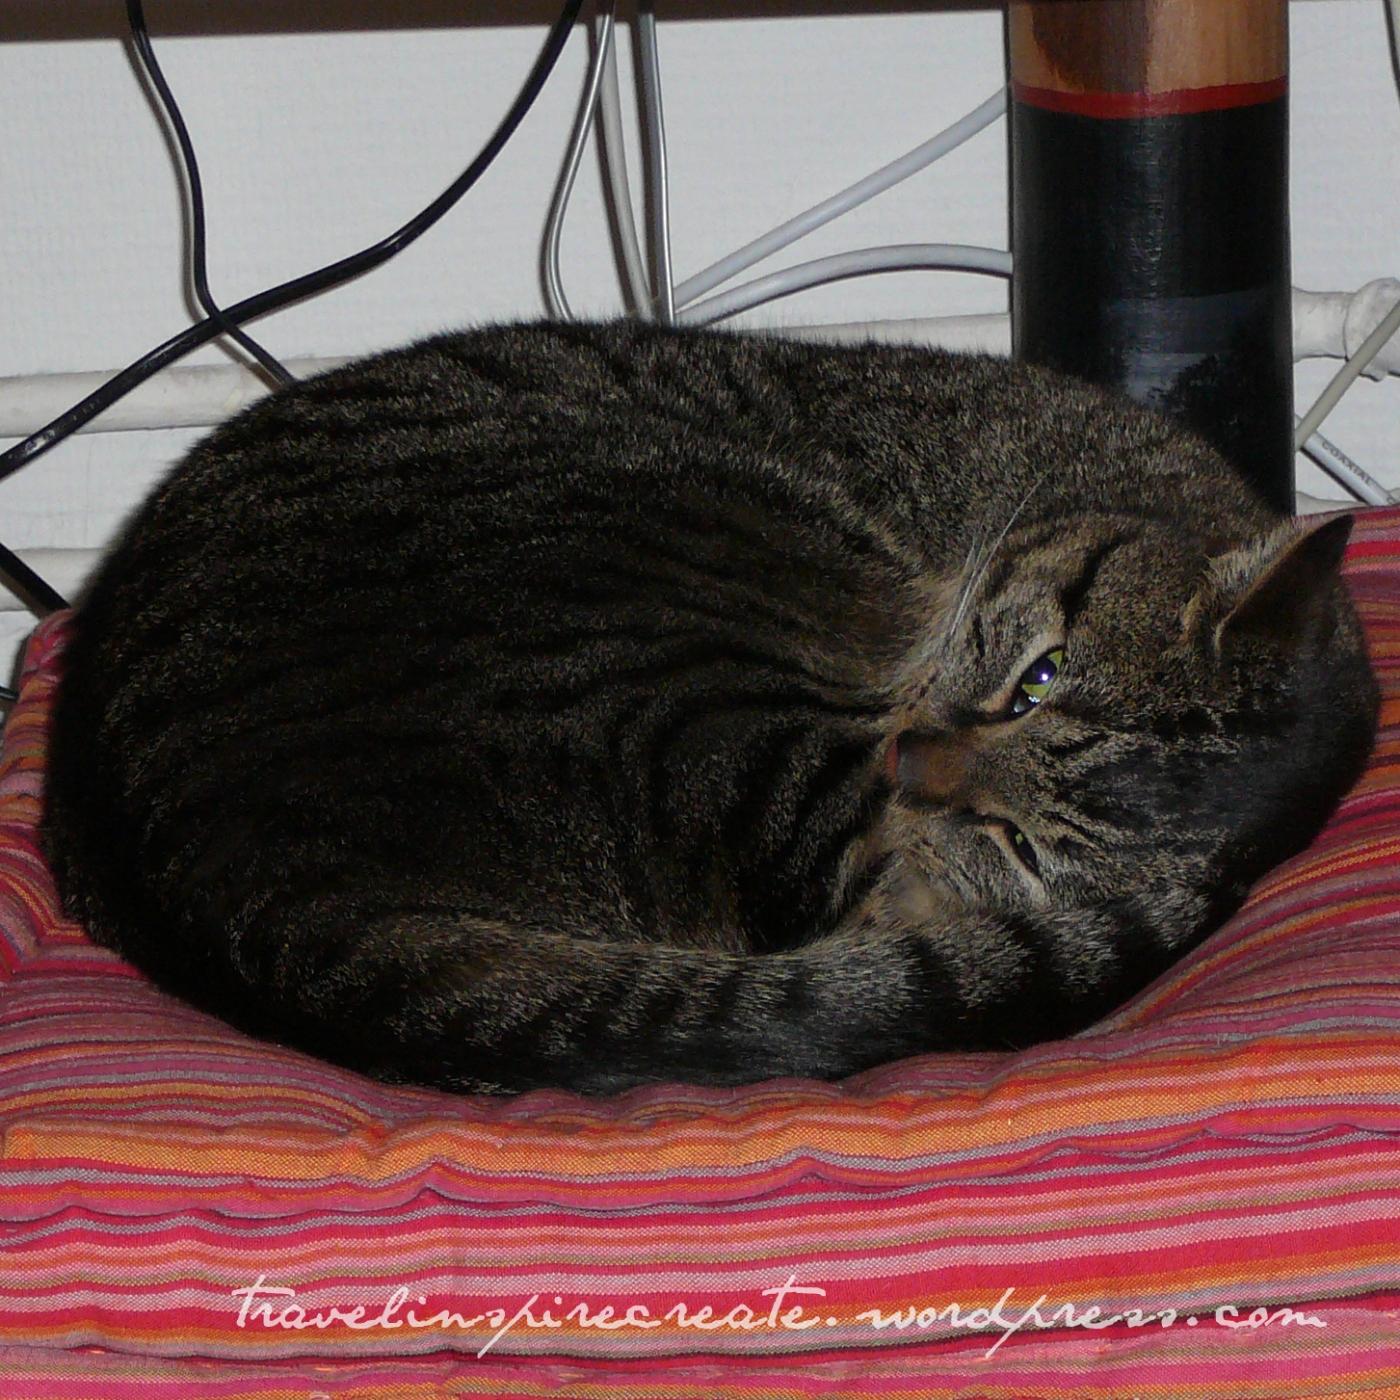 Sam - my cat